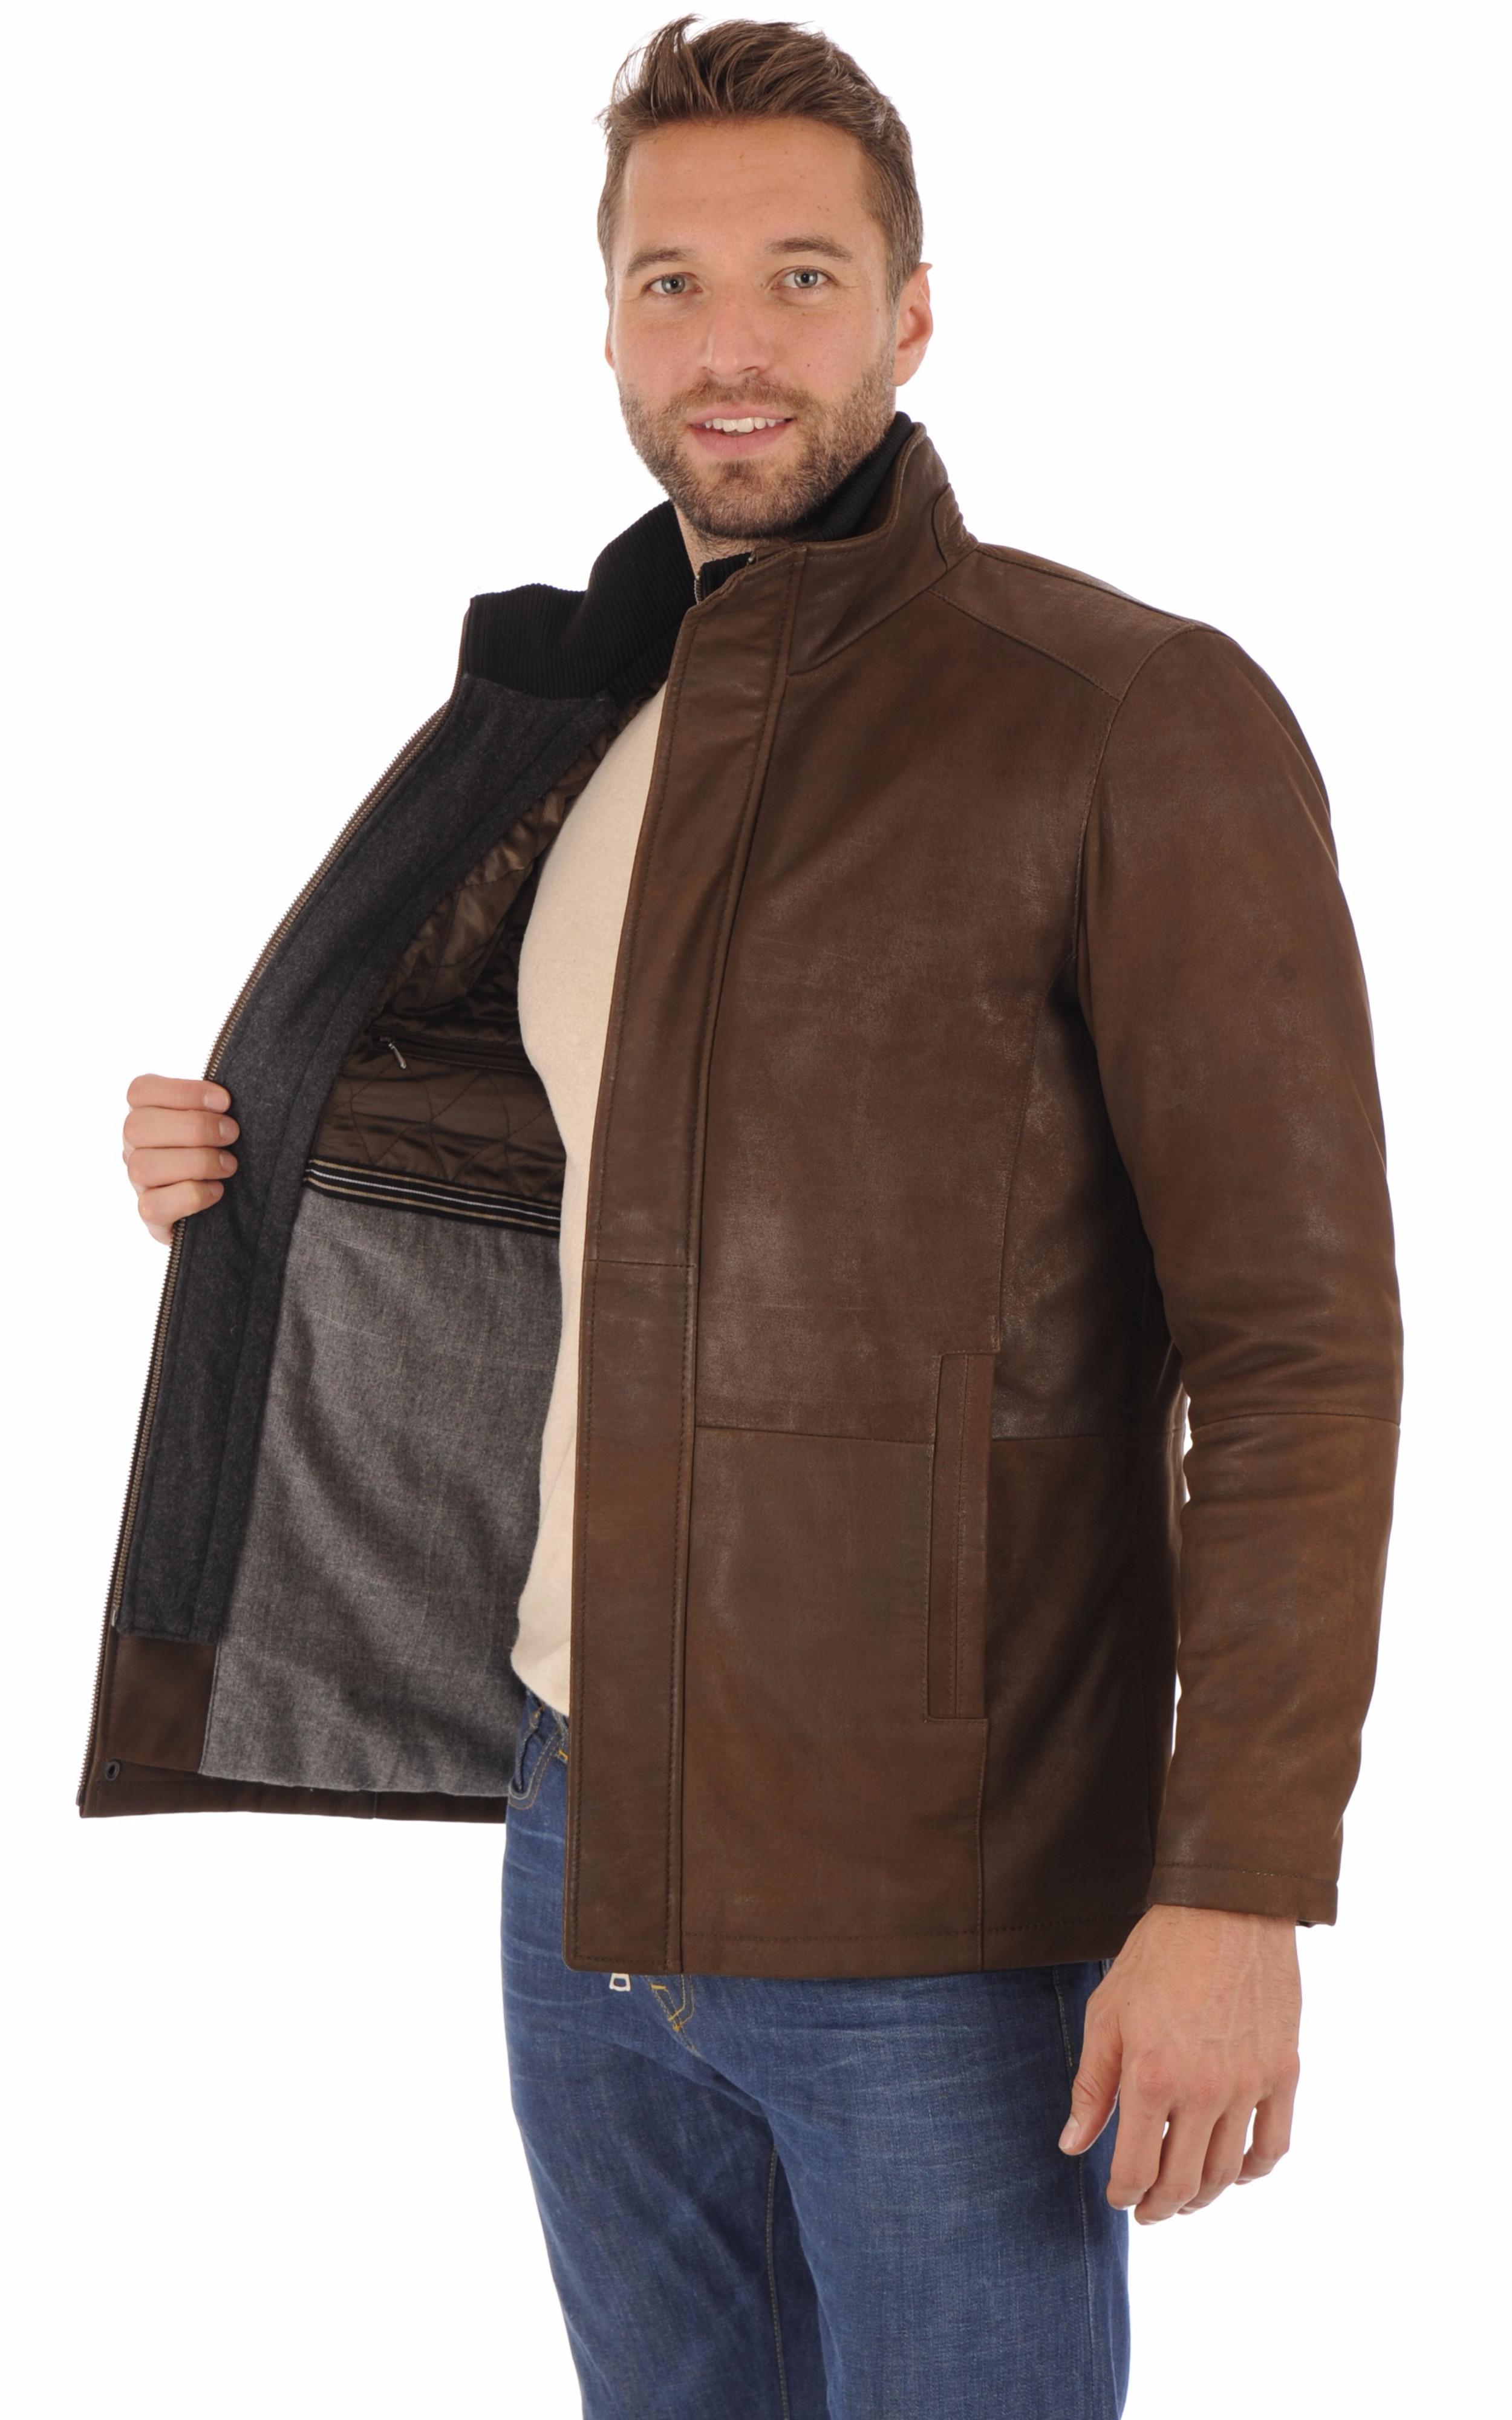 Veste cuir agneau marron homme Smarty